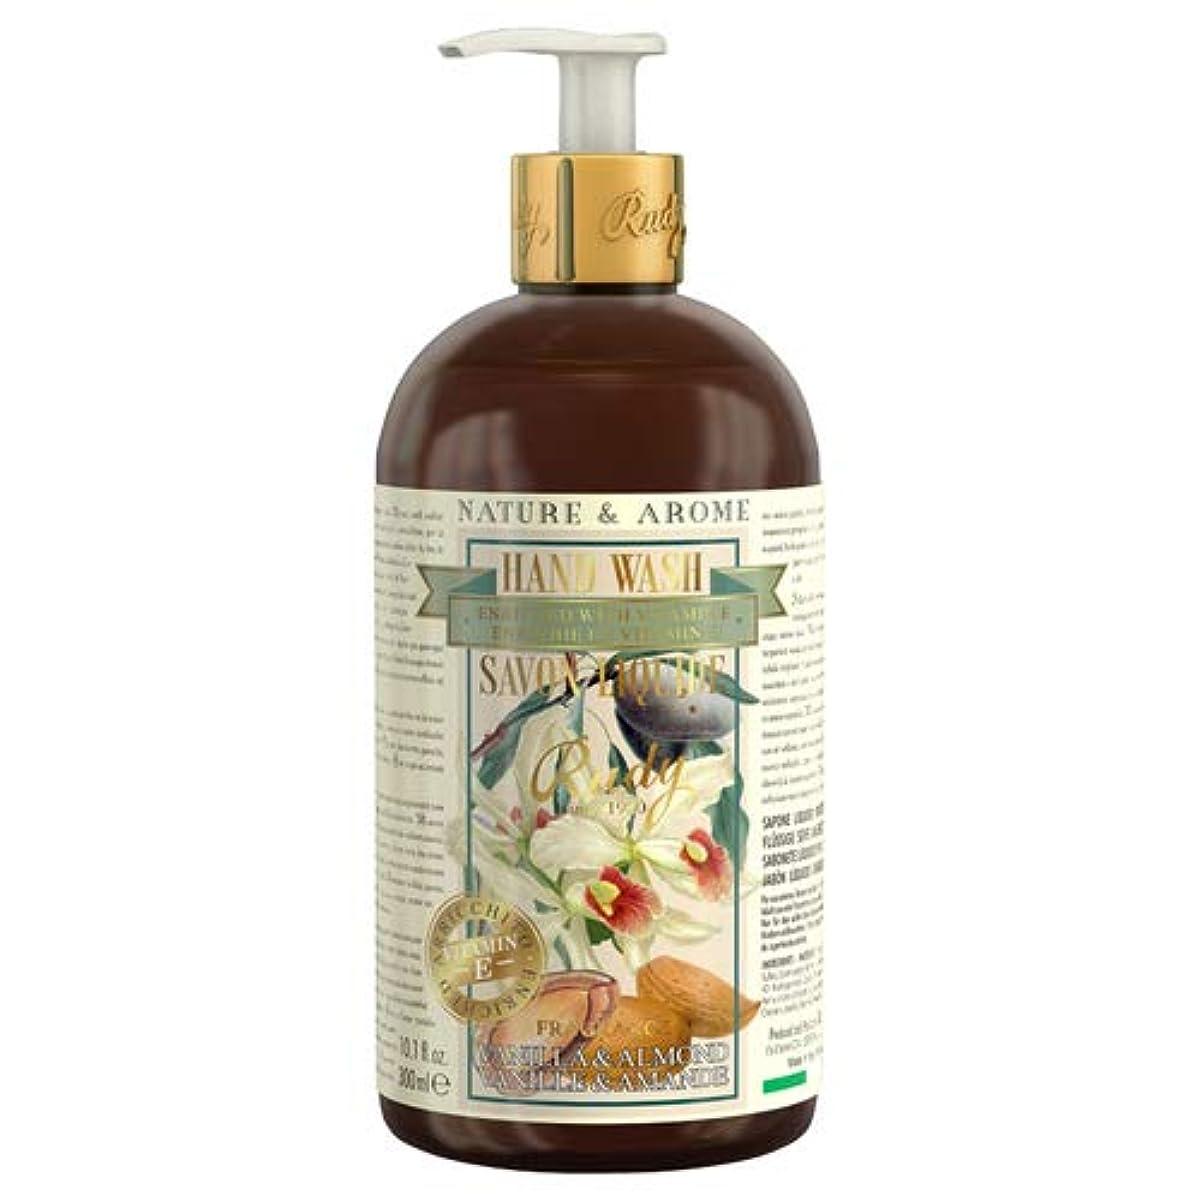 アナログ修士号供給RUDY Nature&Arome Apothecary ネイチャーアロマ アポセカリー Hand Wash ハンドウォッシュ(ボディソープ) Vanilla & Almond バニラ&アーモンド